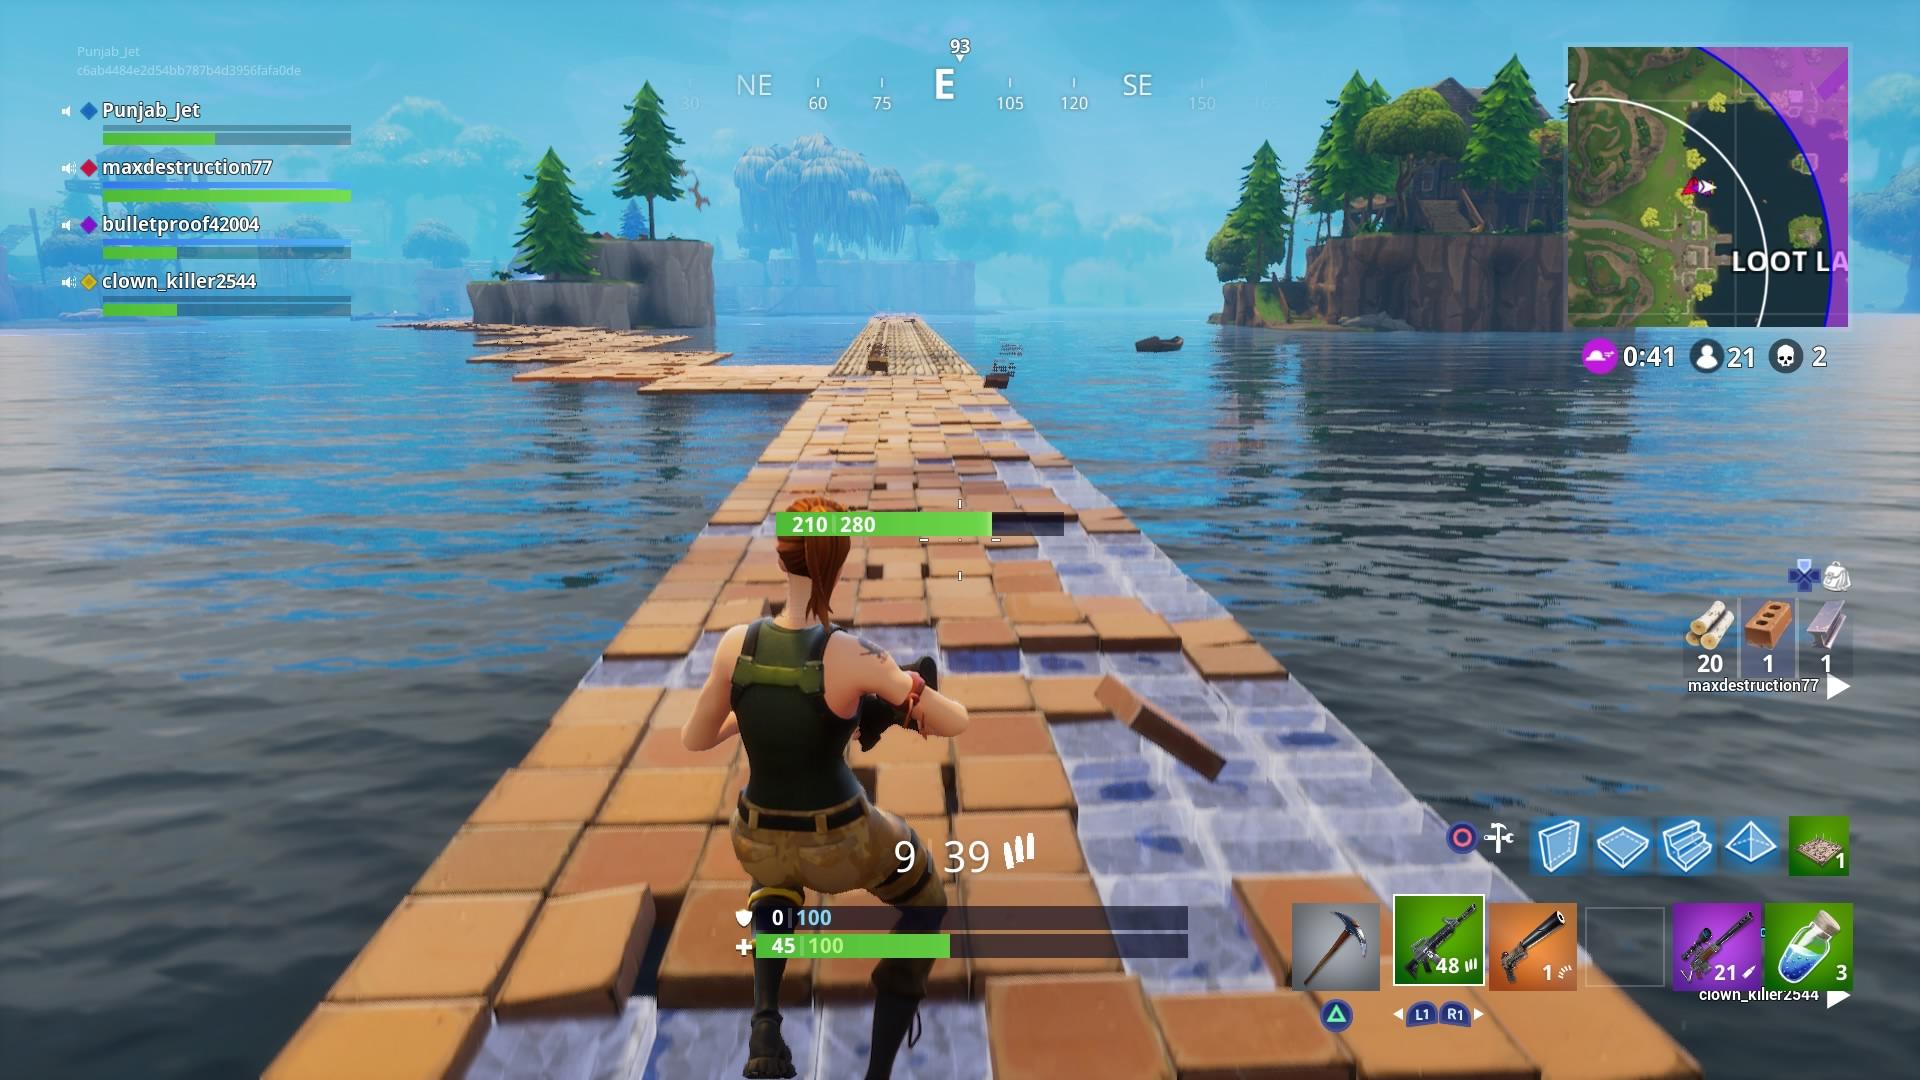 fortnite loot lake wallpaper 63028